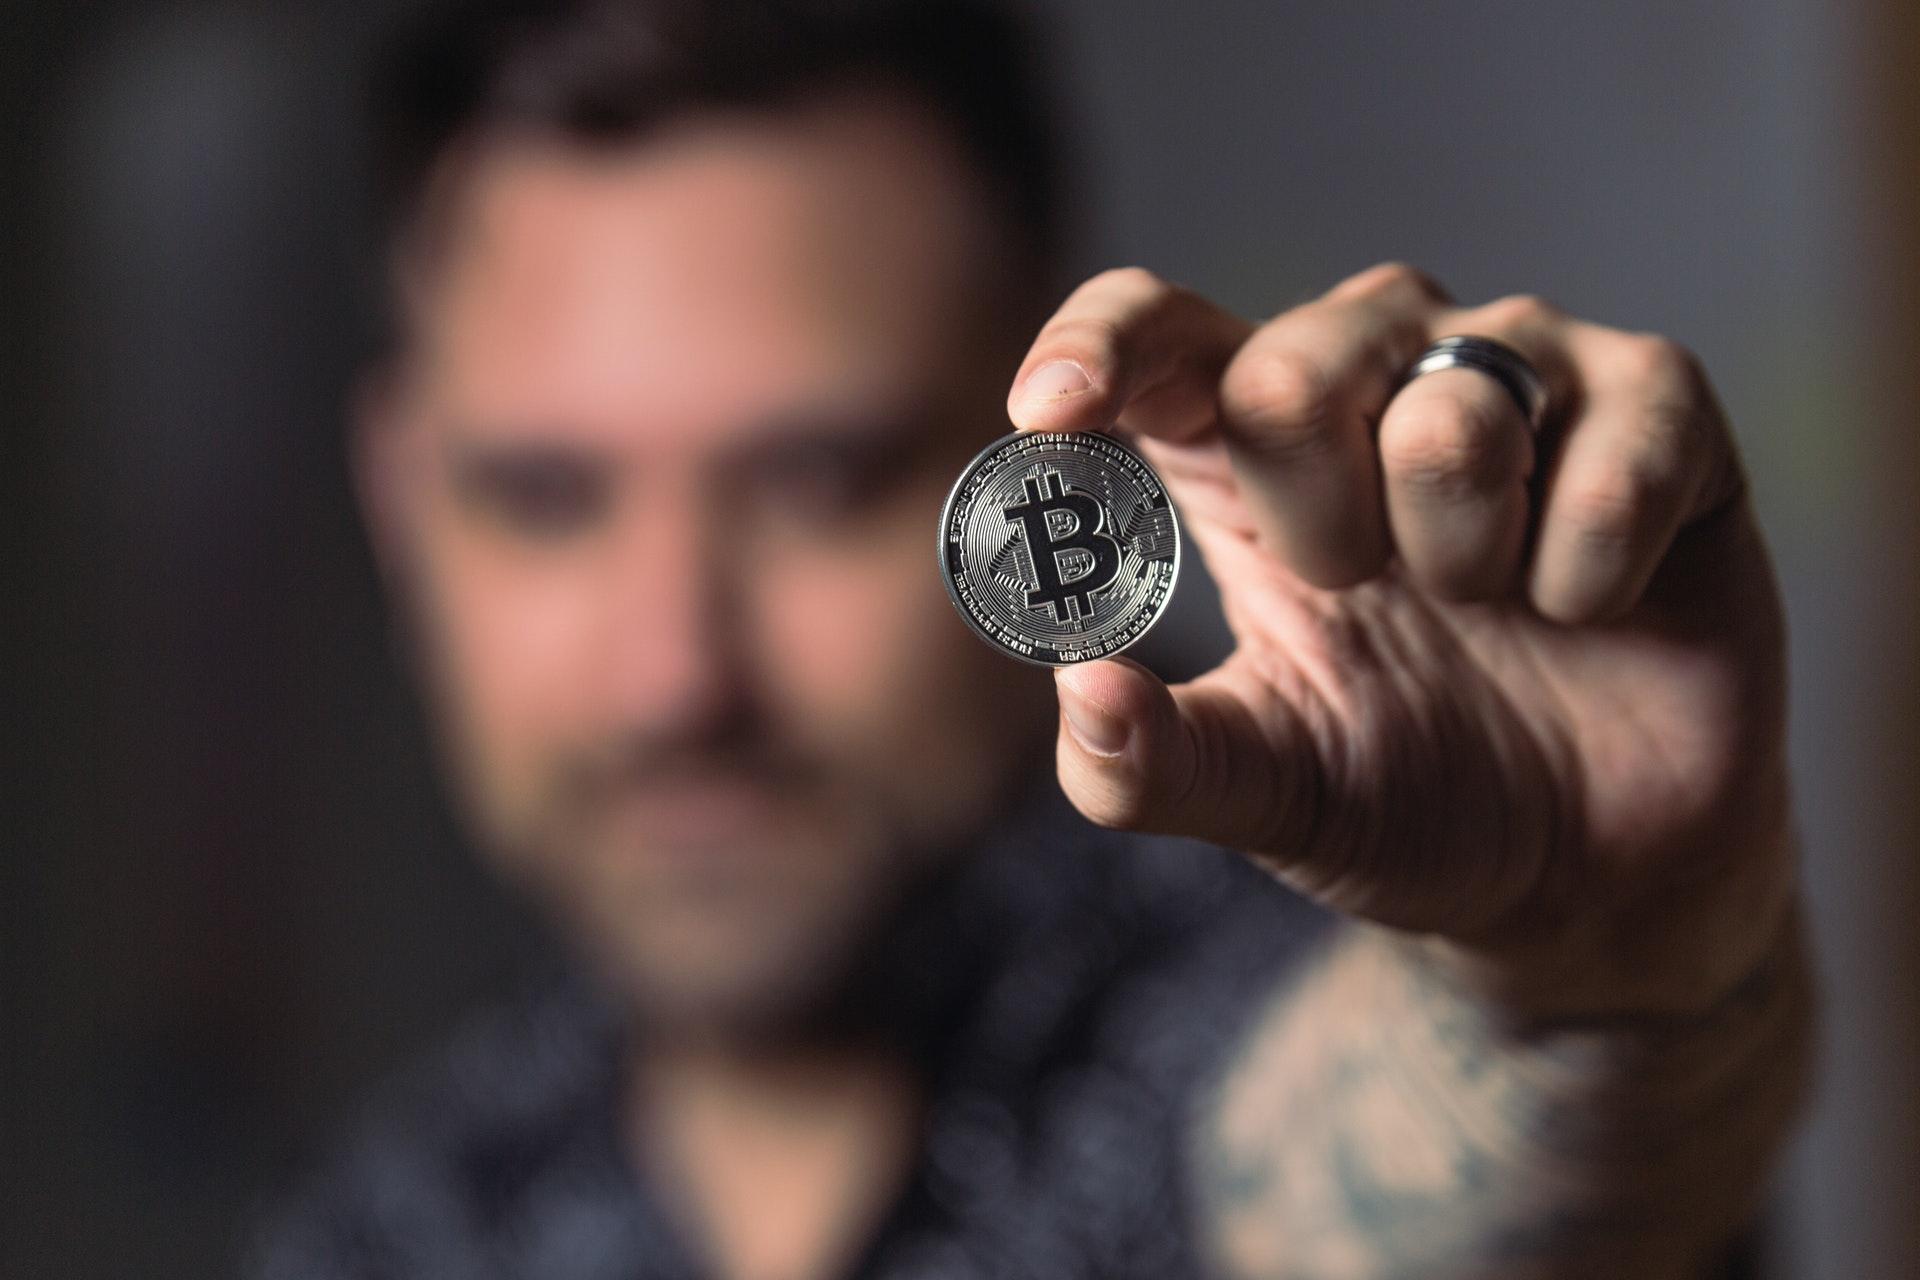 Глава криптовалютного пула «РОЙ Клуб» Ордин назвал доллар конкурентом биткоина